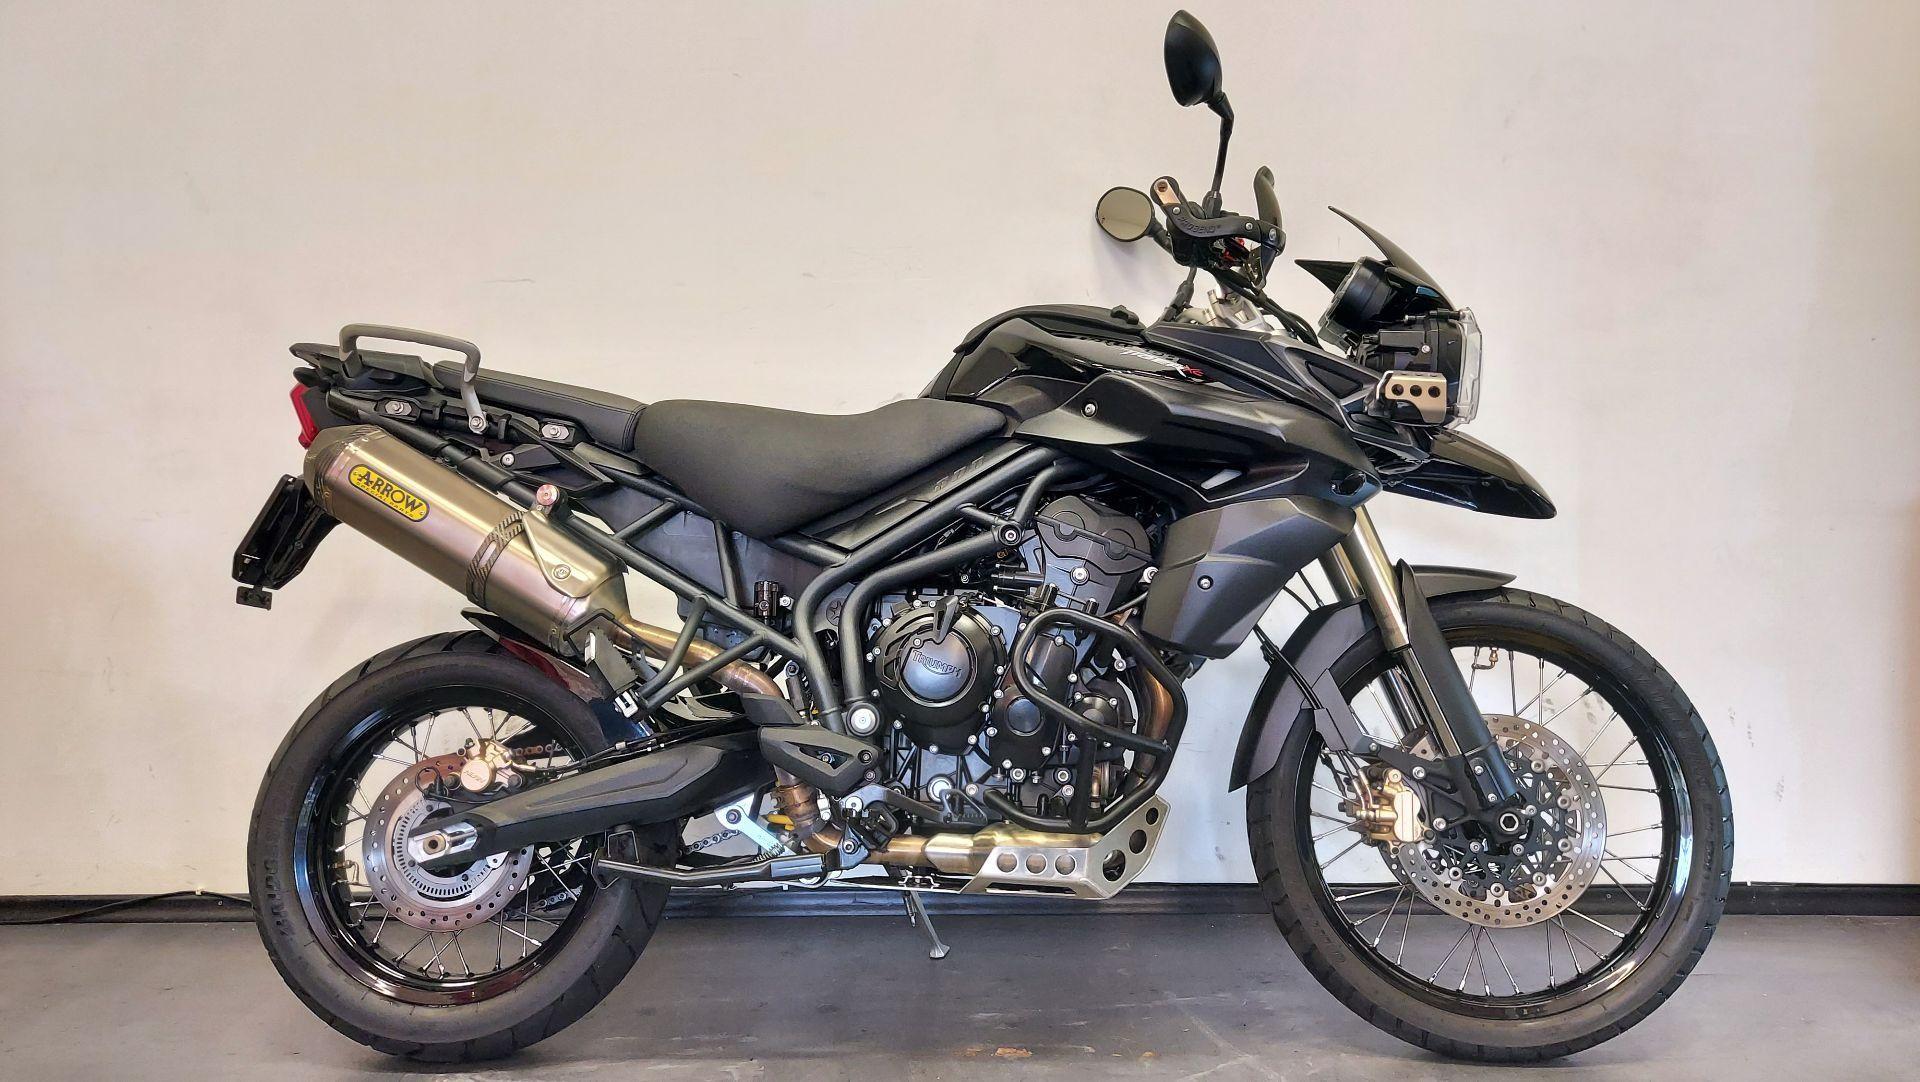 Motorrad Occasion kaufen TRIUMPH Tiger 800 XC Moto Welt